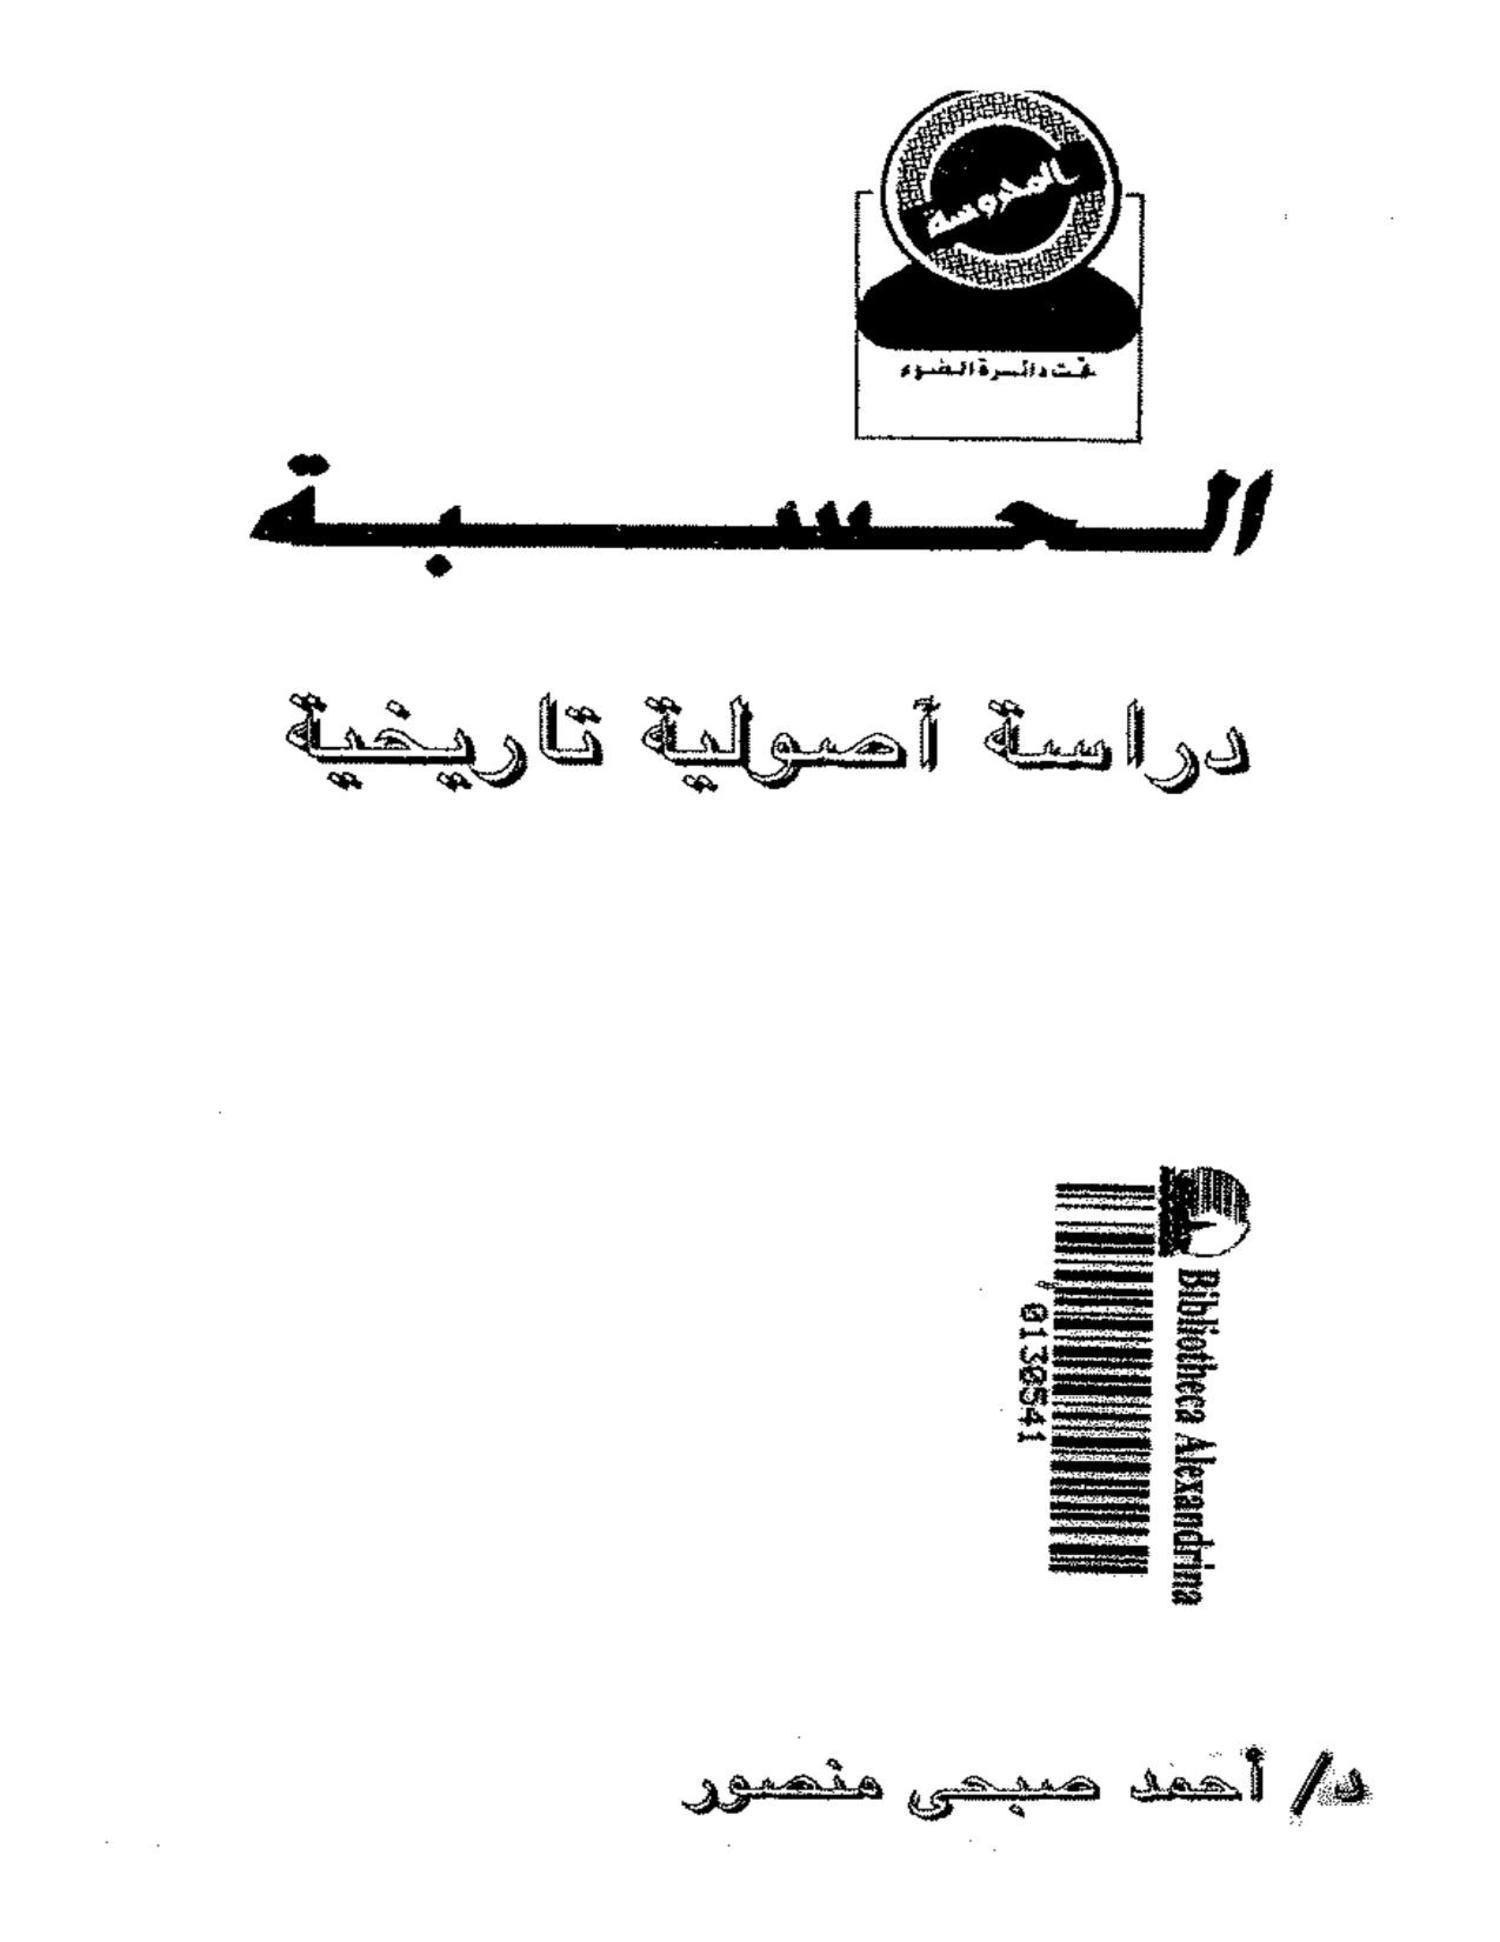 تحميل كتاب الحسبة: دراسة اصولية تاريخية pdf تأليف احمد صبحى منصور مجاناً | تحميل كتب pdf